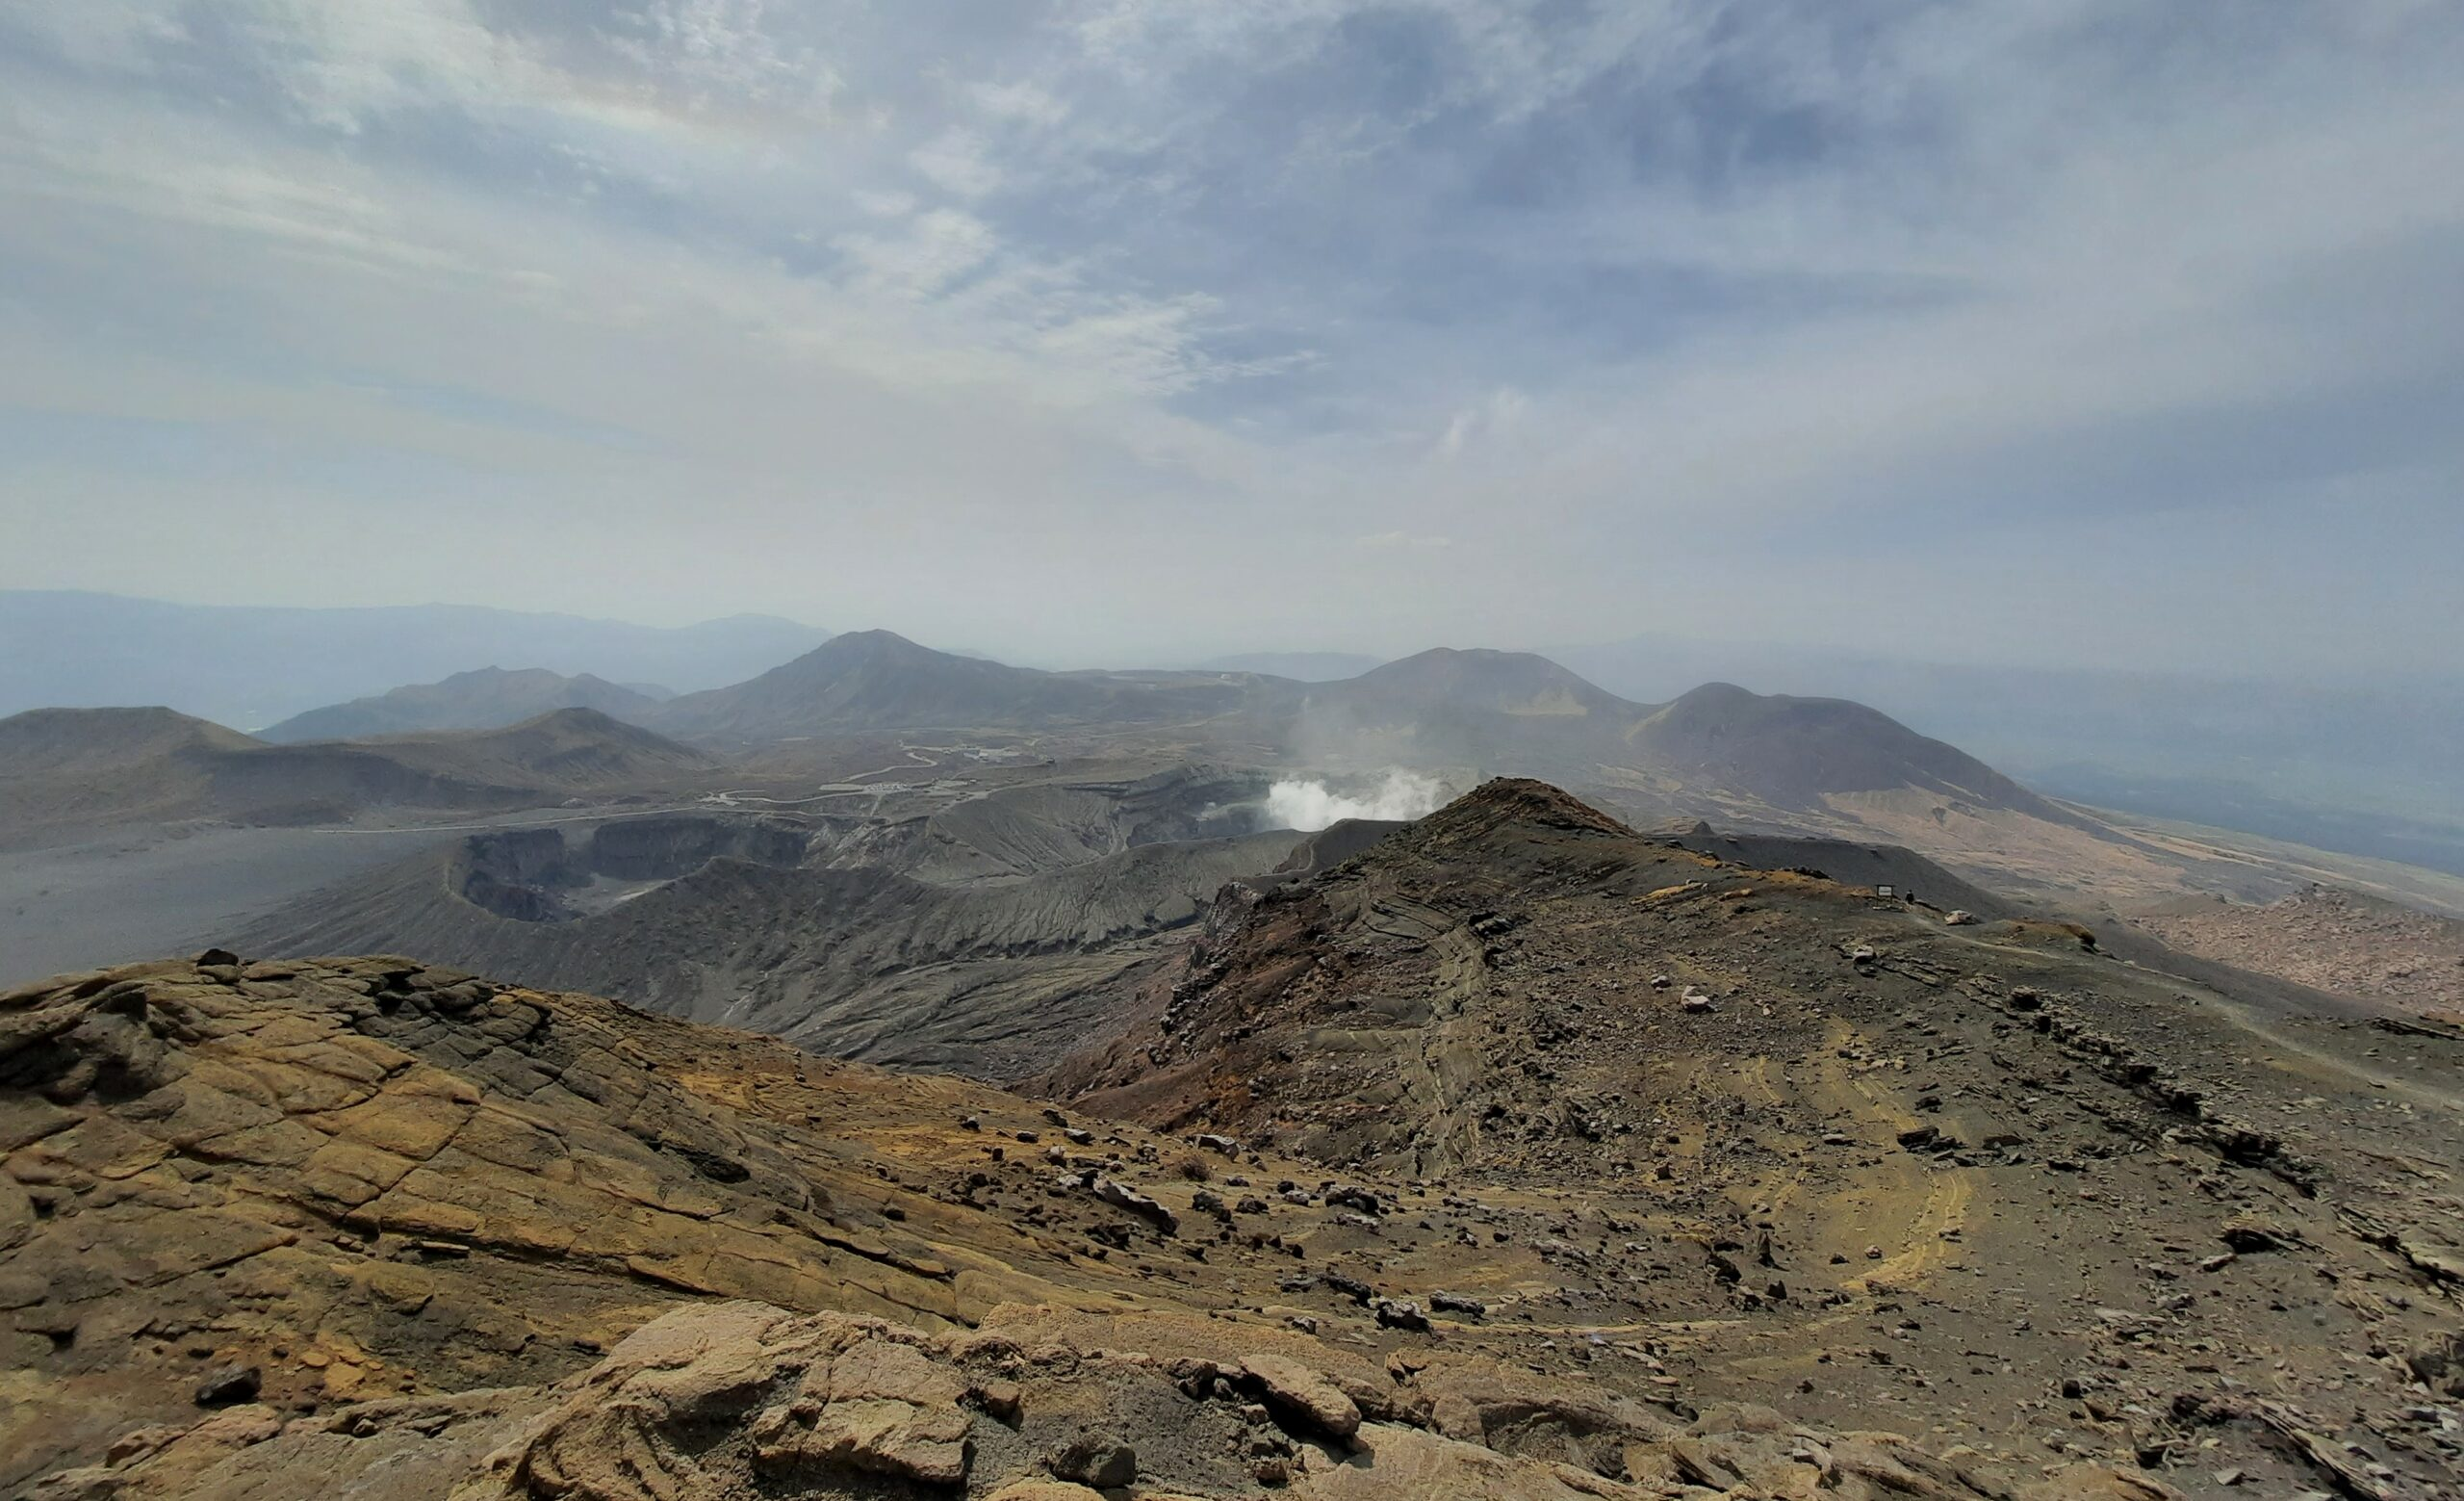 vulkanische Landschaft des Berg Aso